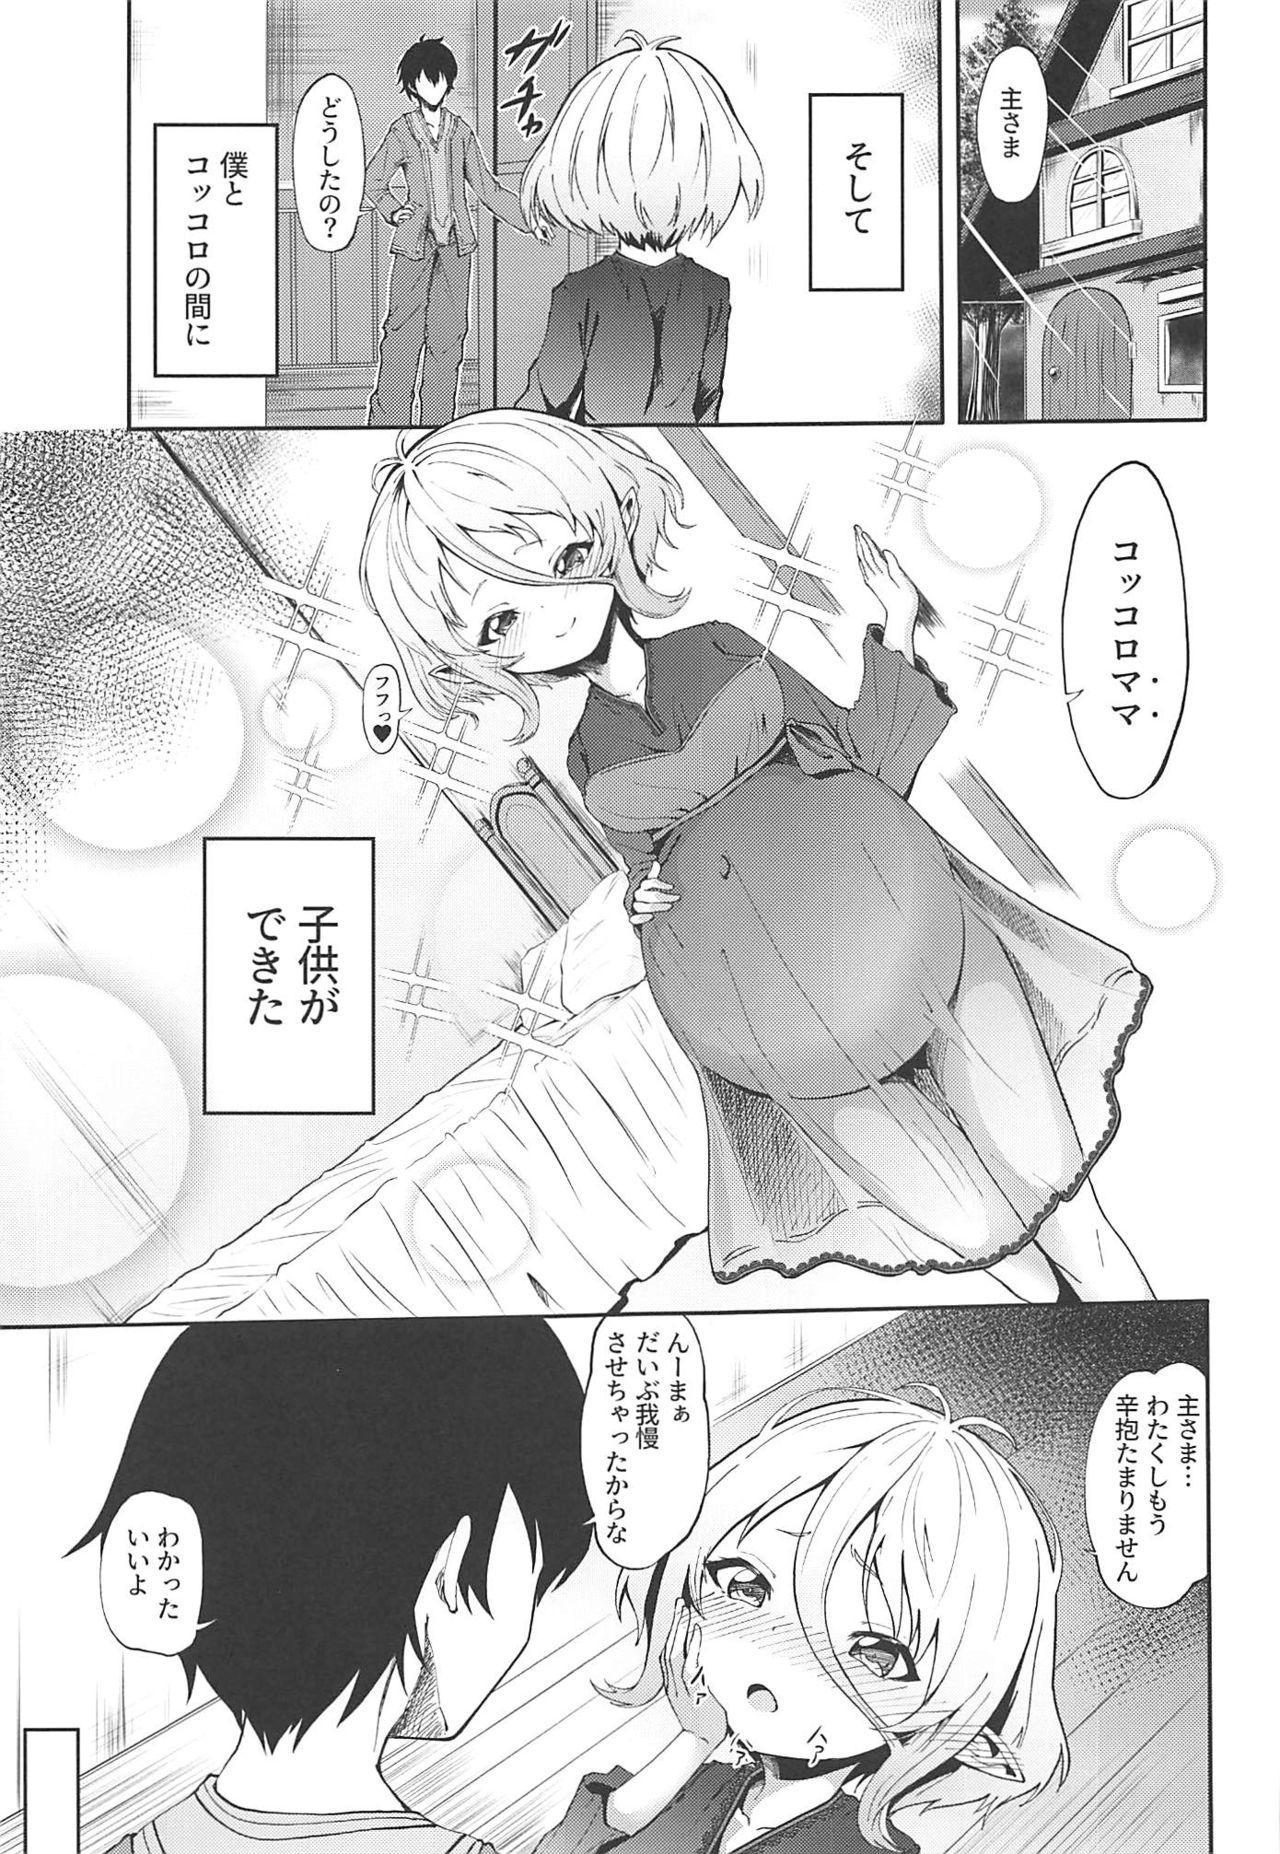 Kokkoro-chan no Seiyoku Kaika 17